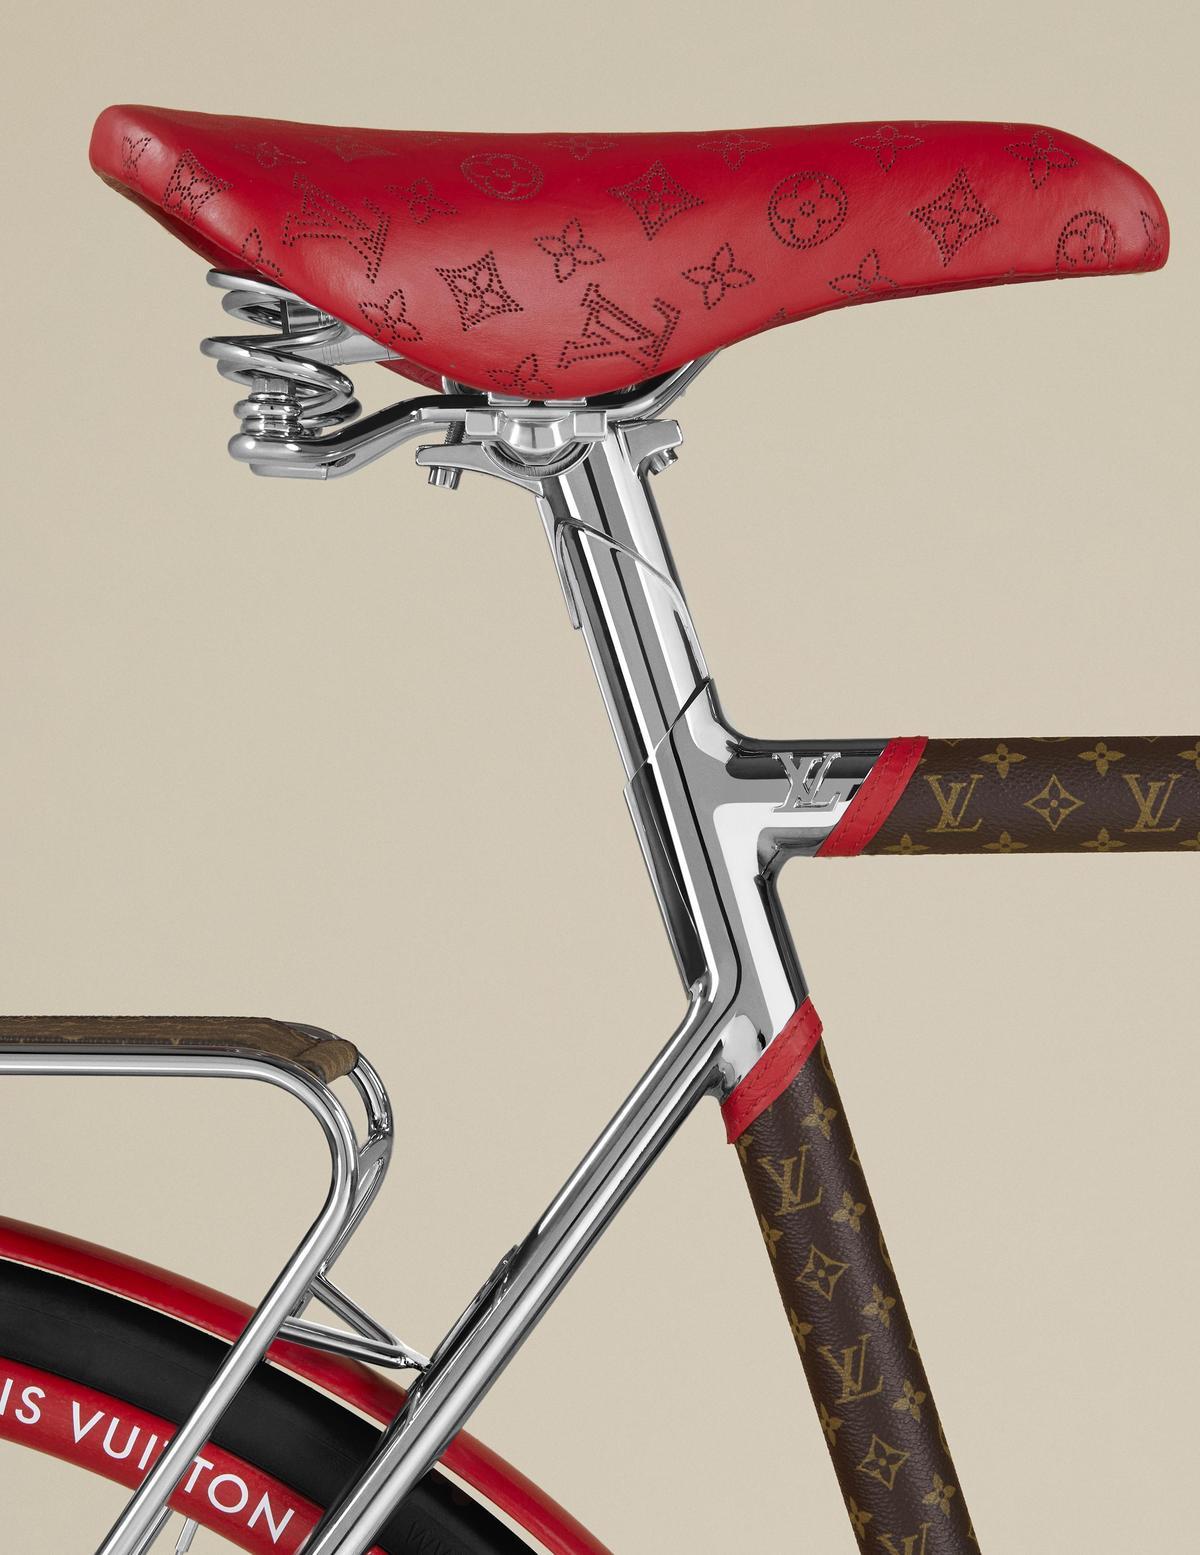 皮革坐墊加入避震彈簧,以增加騎乘時的舒適度,更採用精選皮革包覆。(LOUIS VUITTON提供)